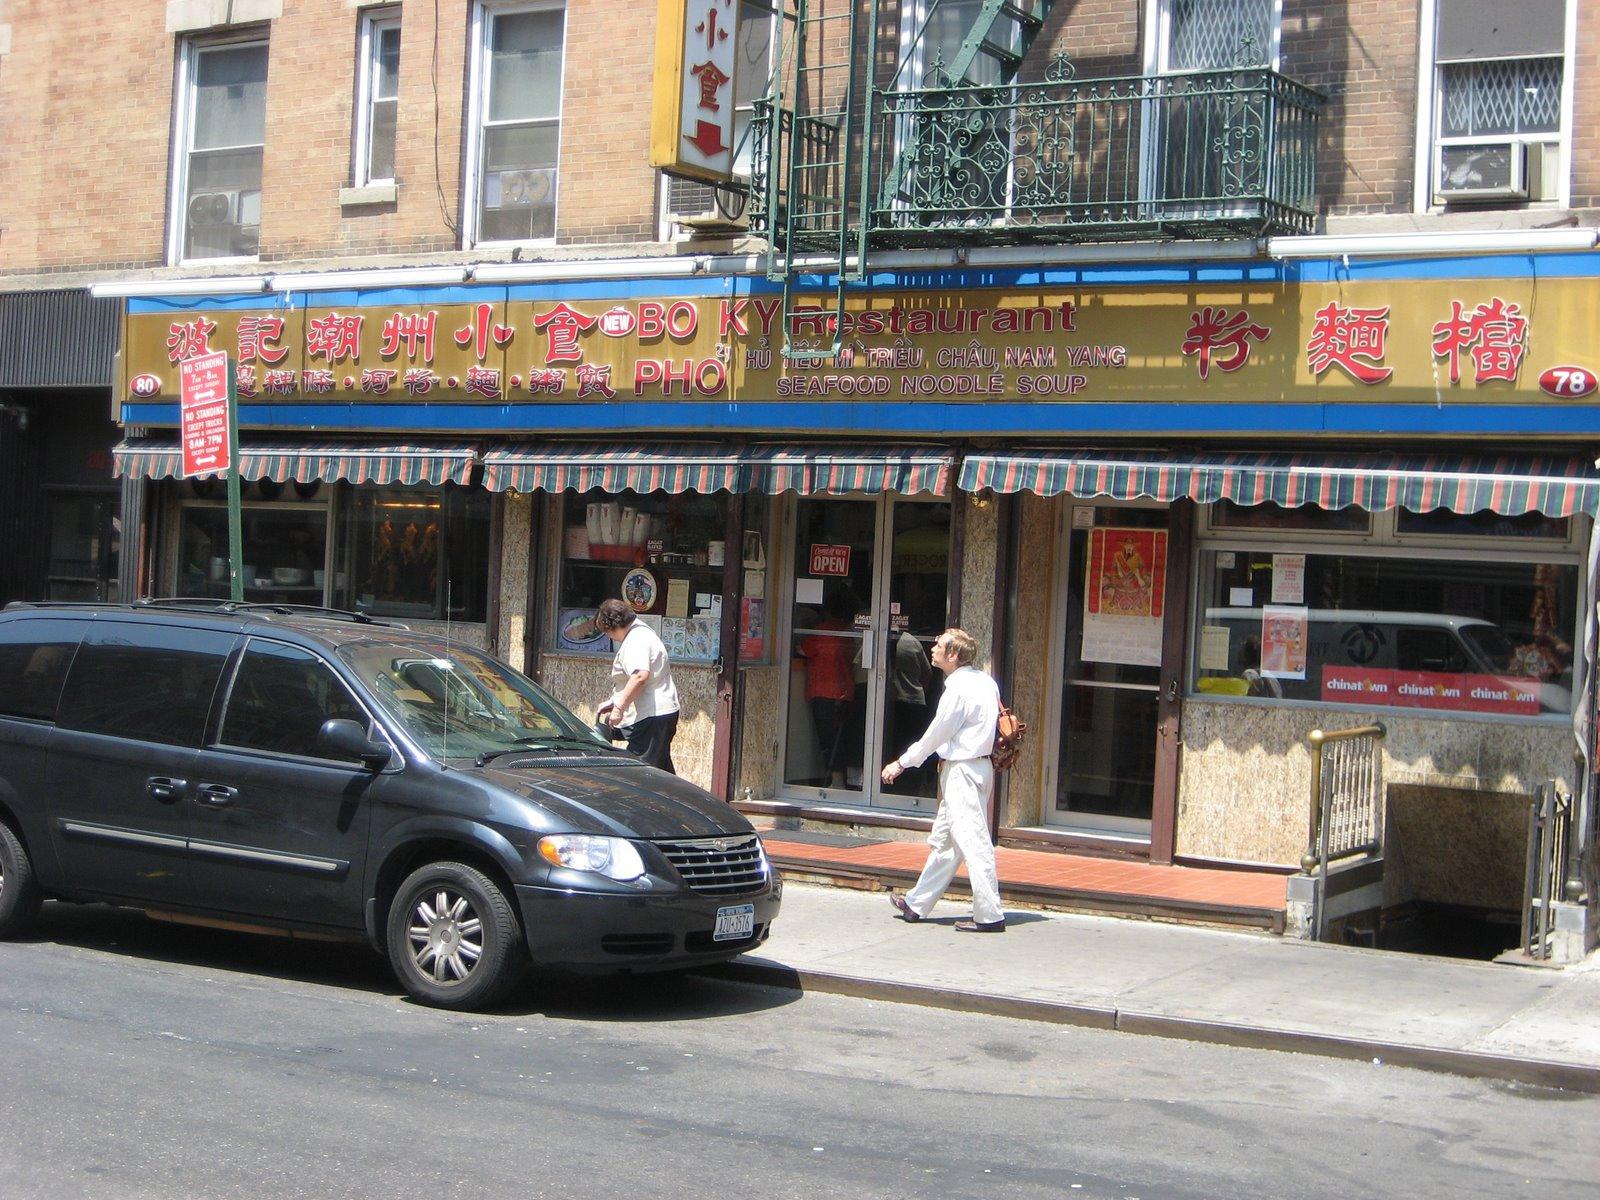 Bo Ky Restaurant